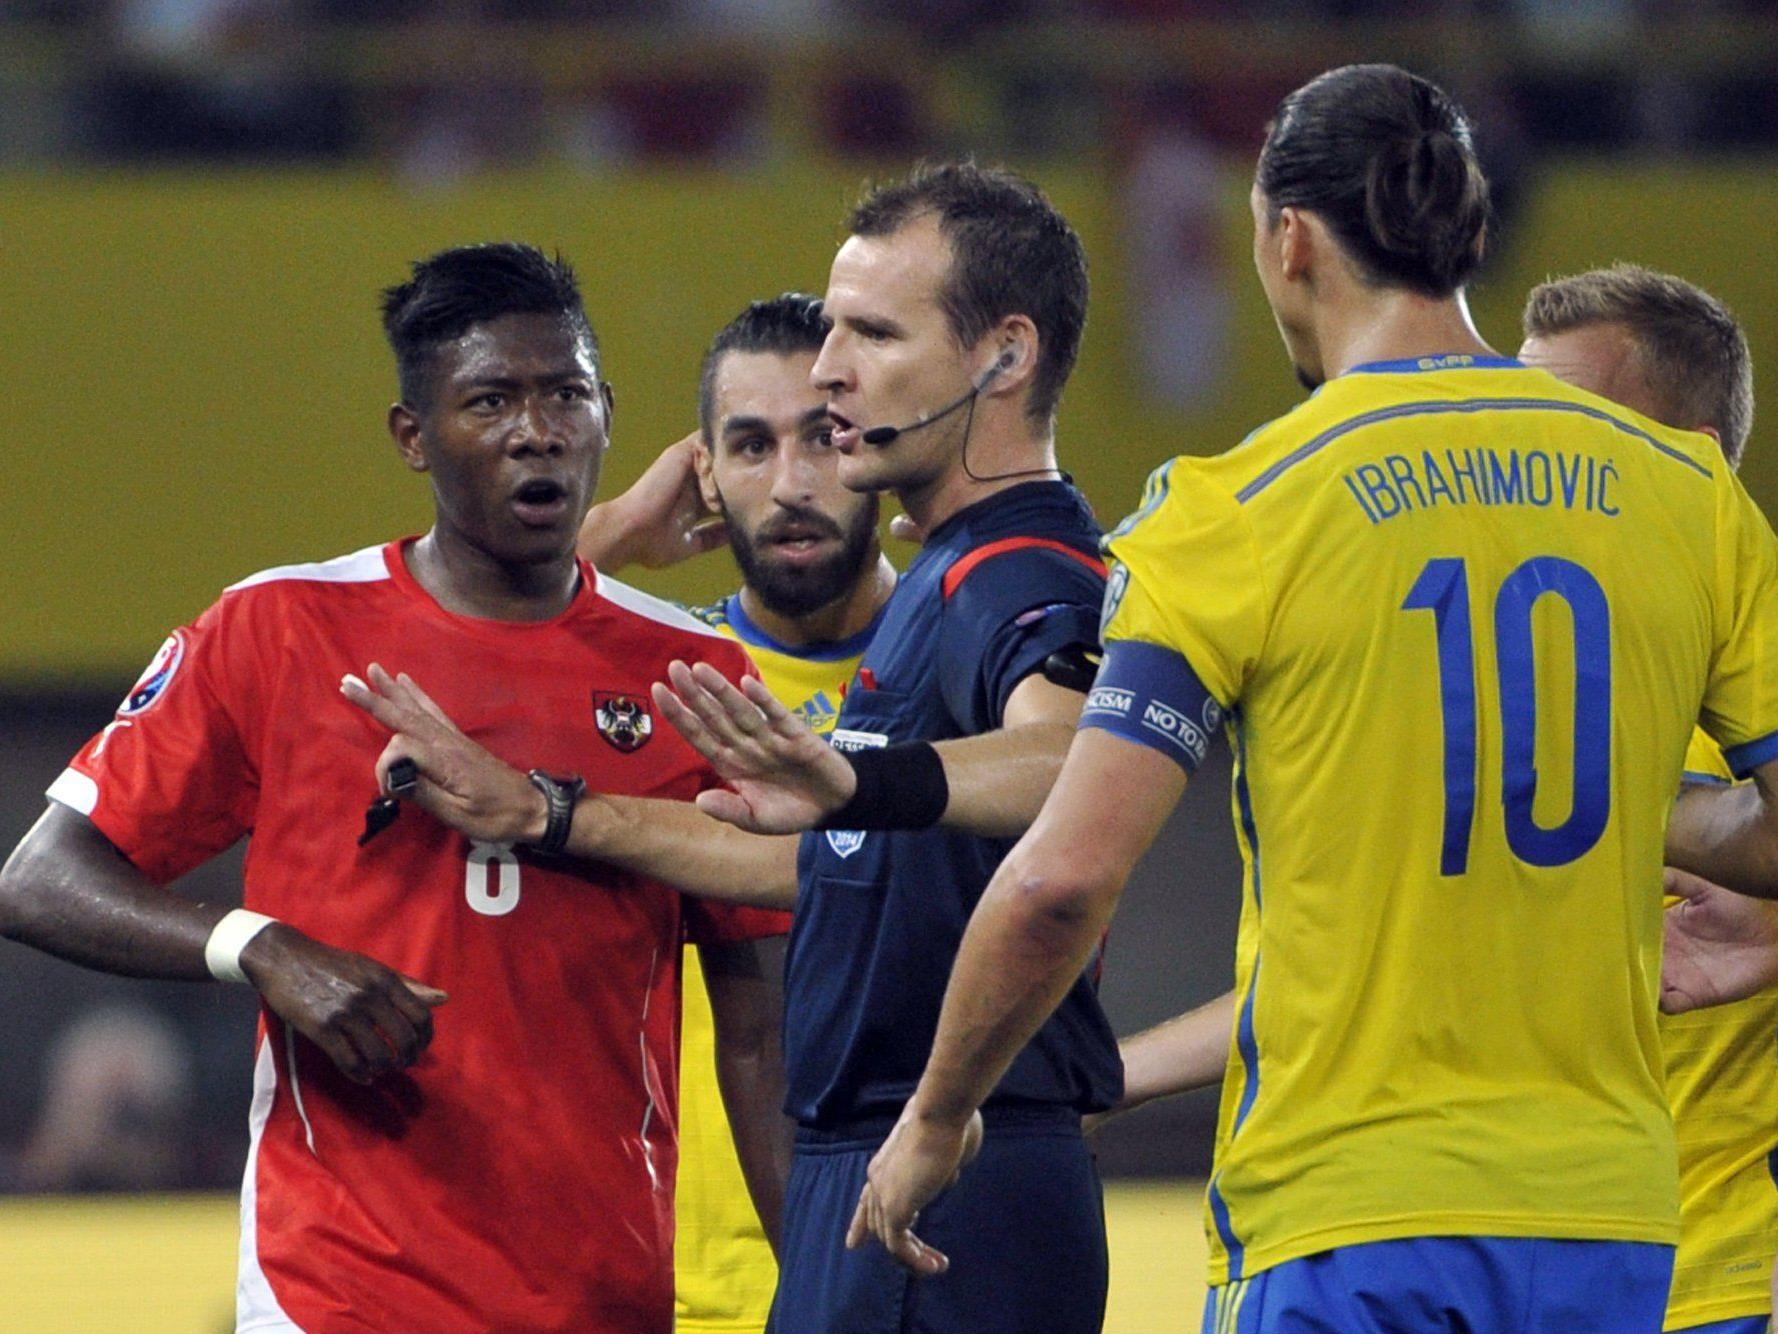 Schweden-Star Ibrahimovic hatte nach einem Ellbogencheck gegen Alaba Glück, nicht die Rote Karte zu sehen.